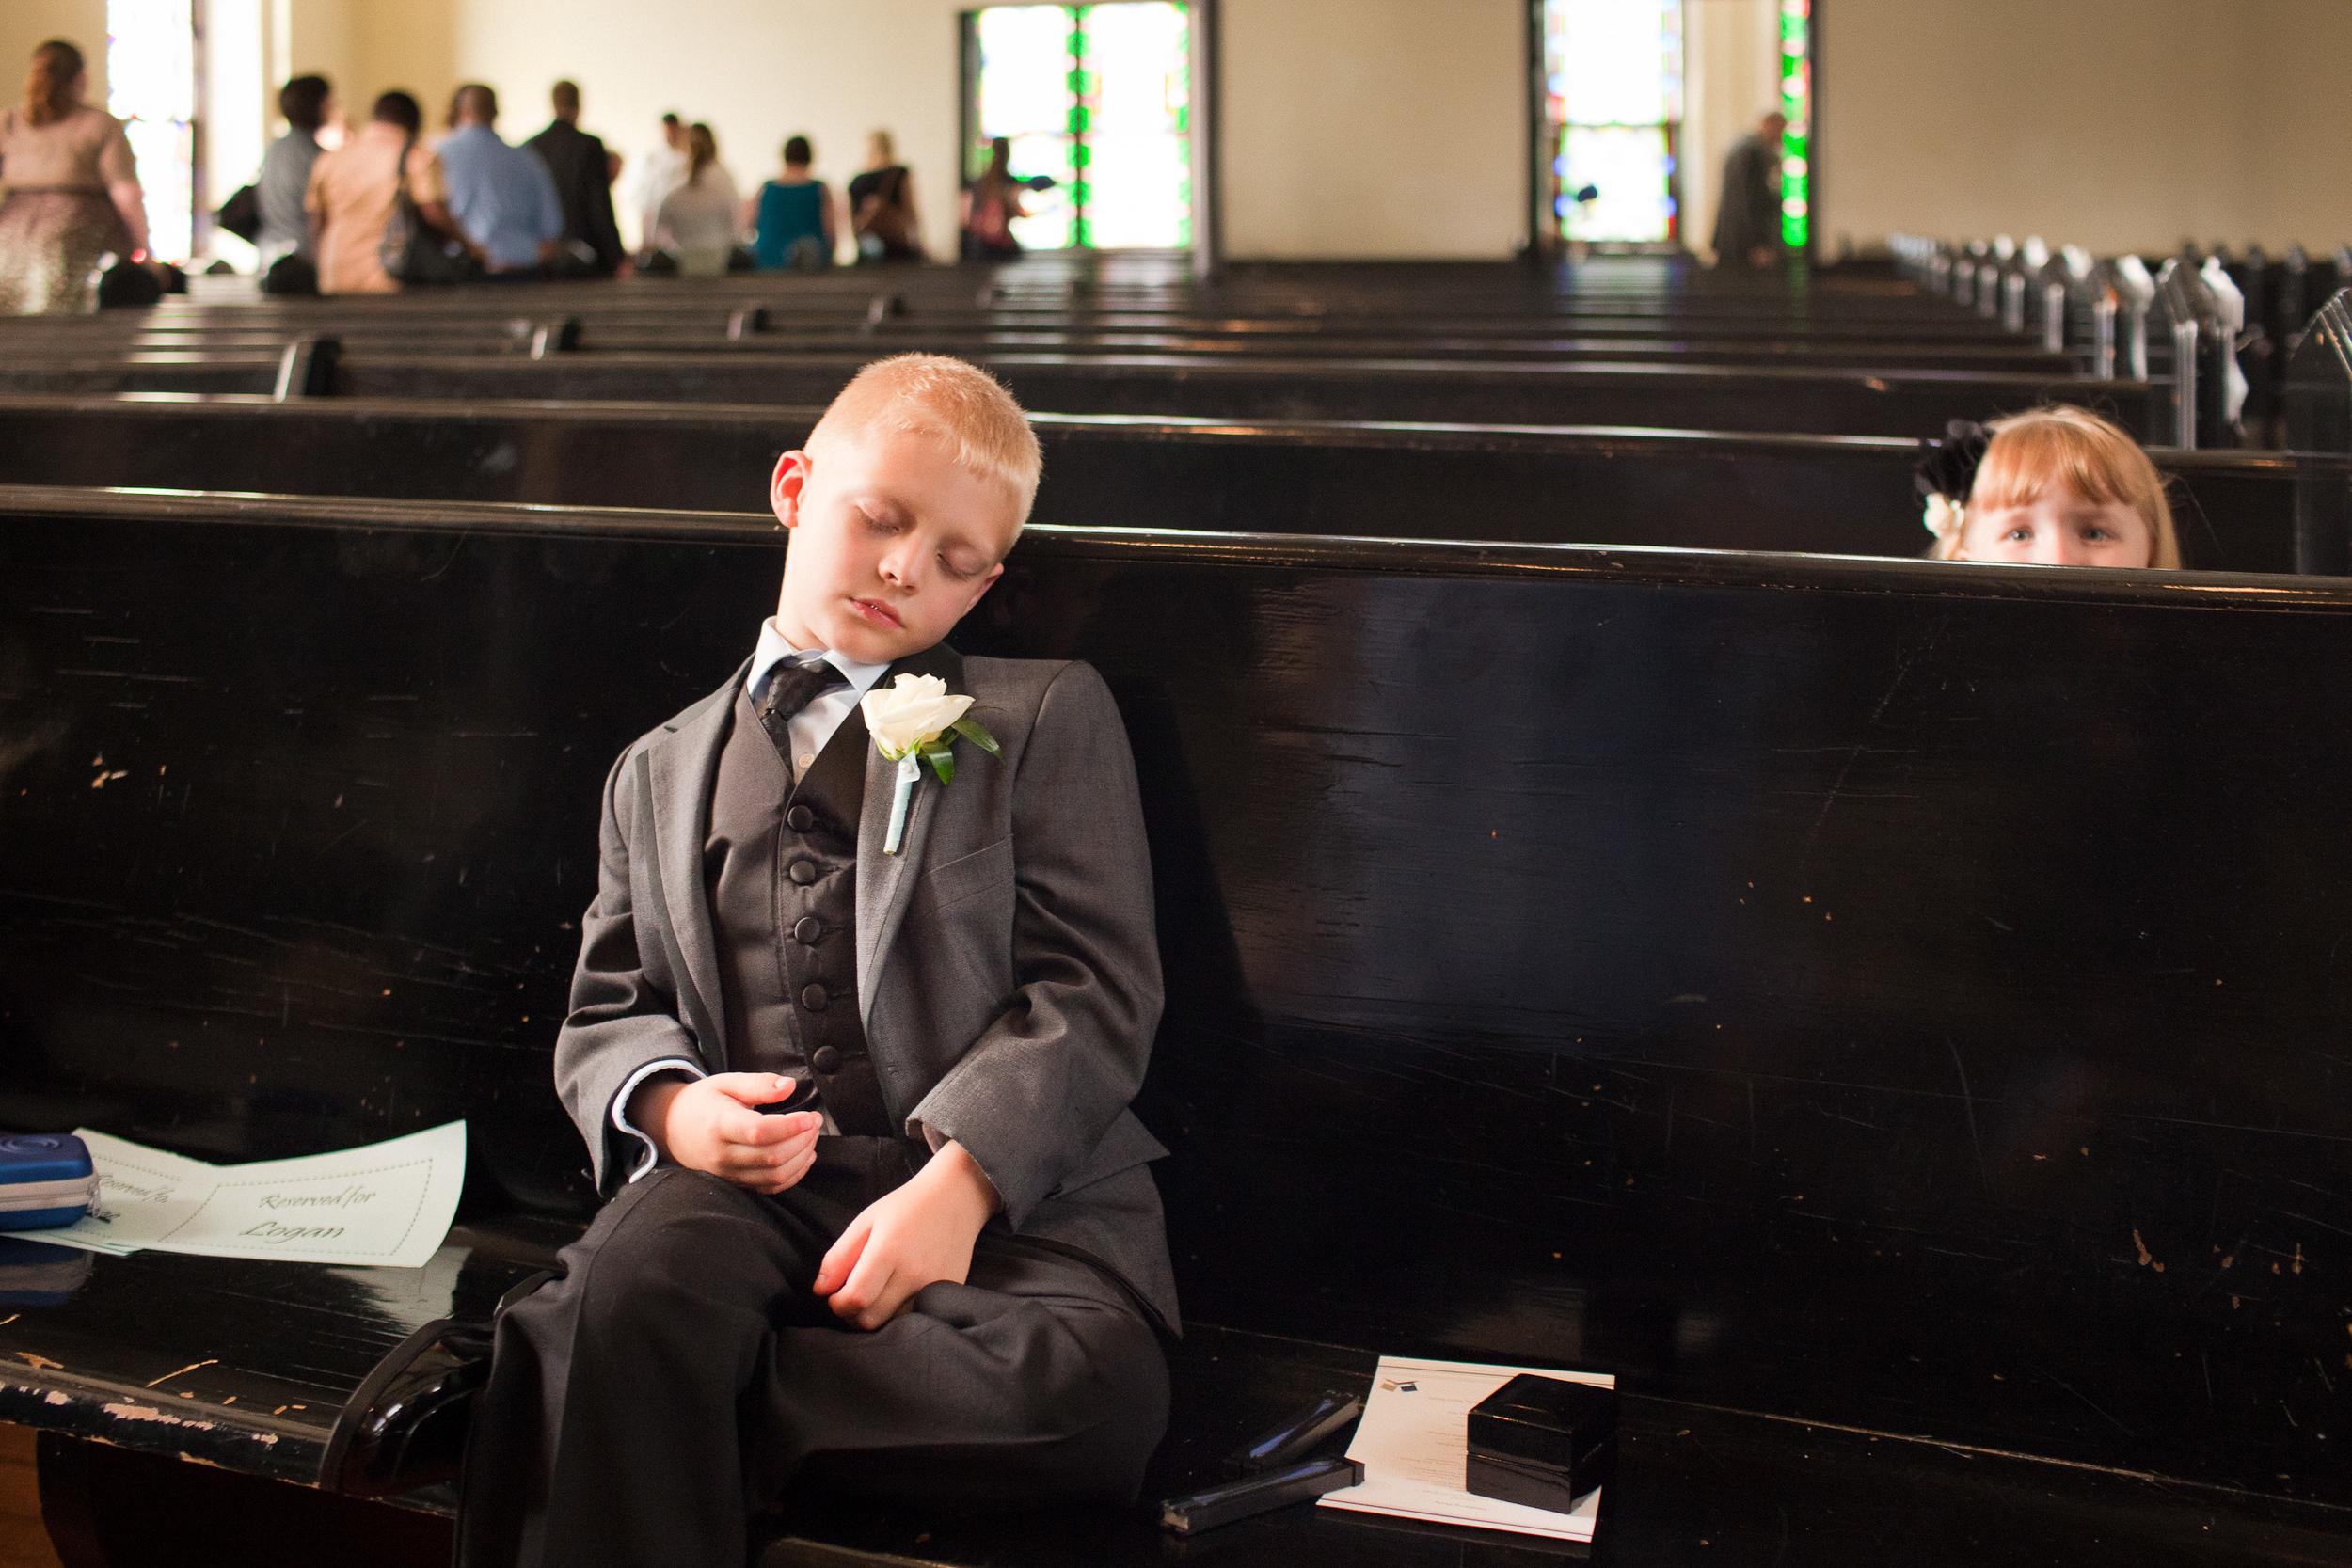 Weddings-JR-025.jpg